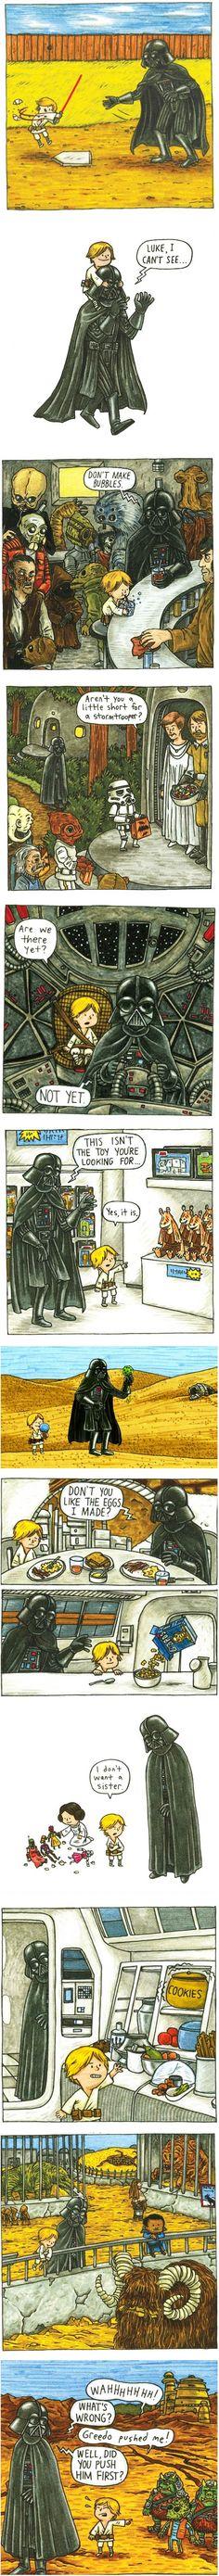 If Darth had been a good dad.